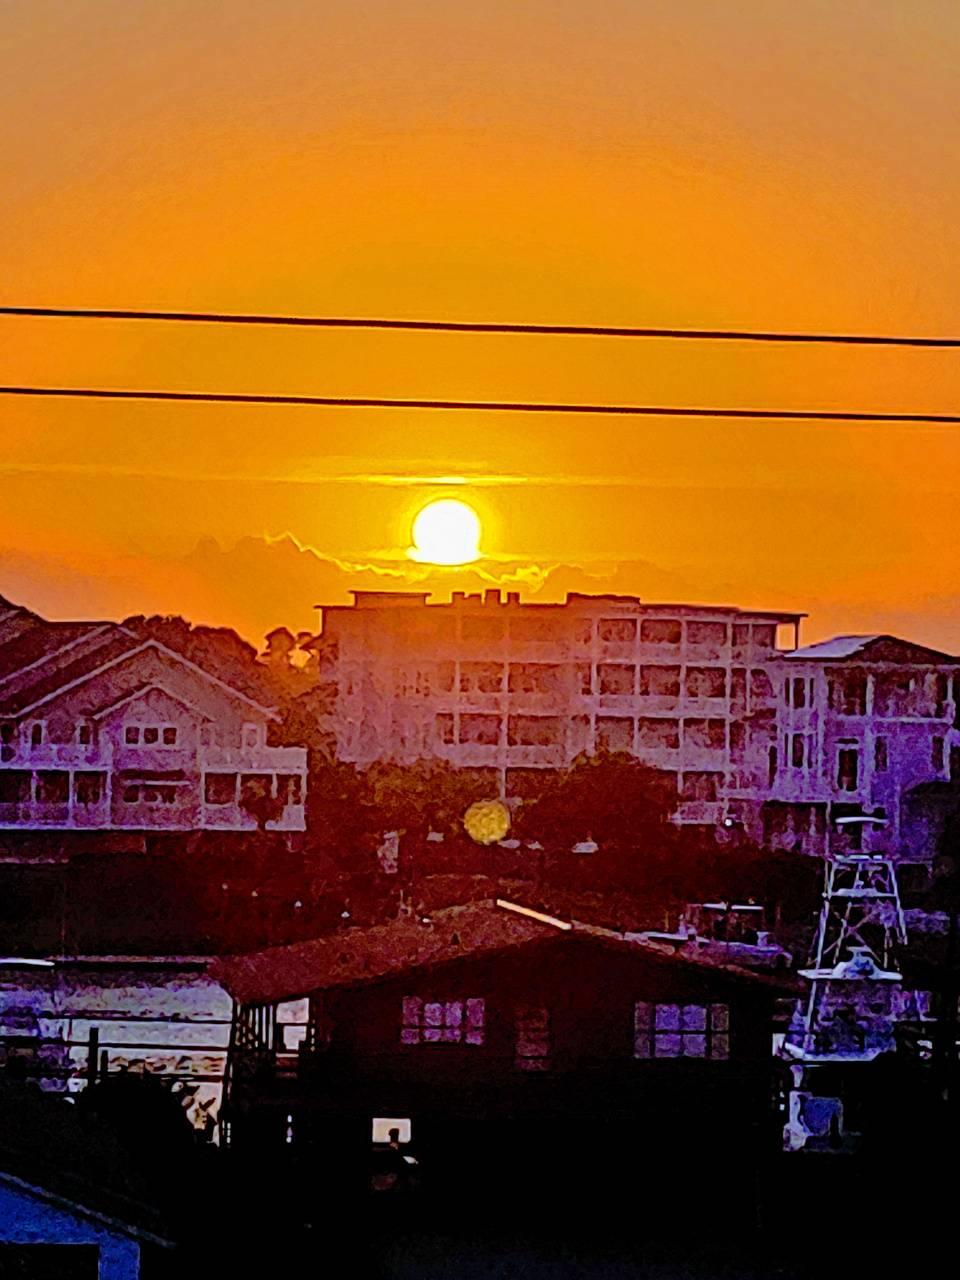 Sundown beauty